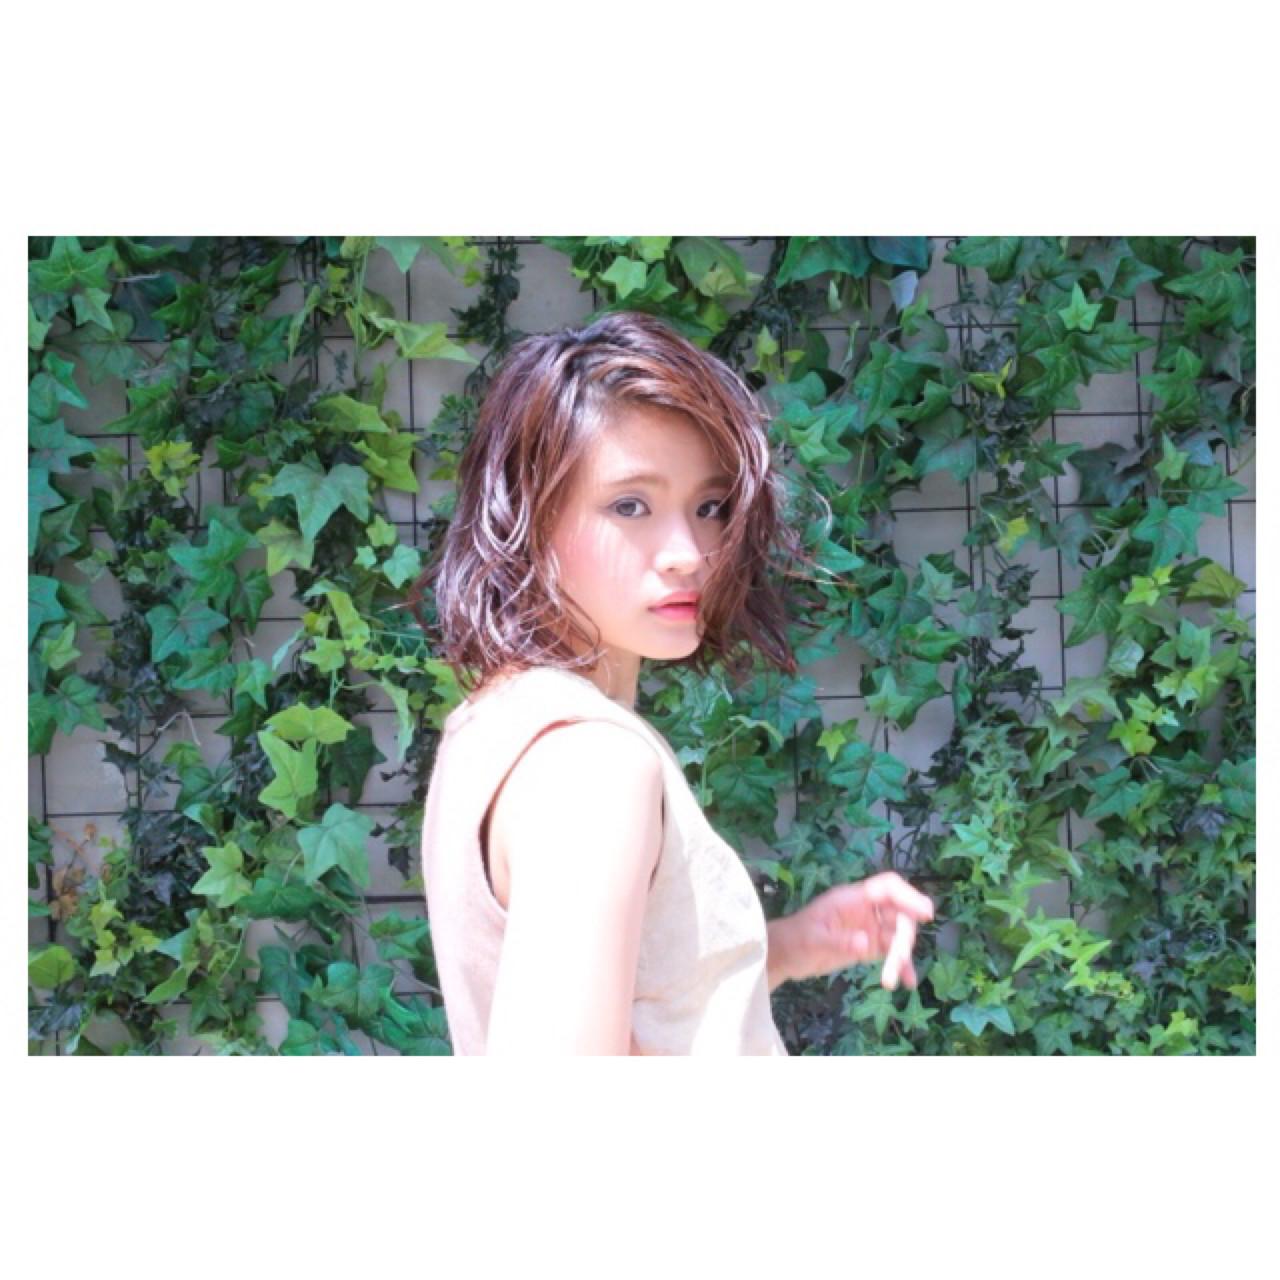 くせ毛風 外国人風 ゆるふわ グラデーションカラー ヘアスタイルや髪型の写真・画像 | AKI / park by merry / park by merry